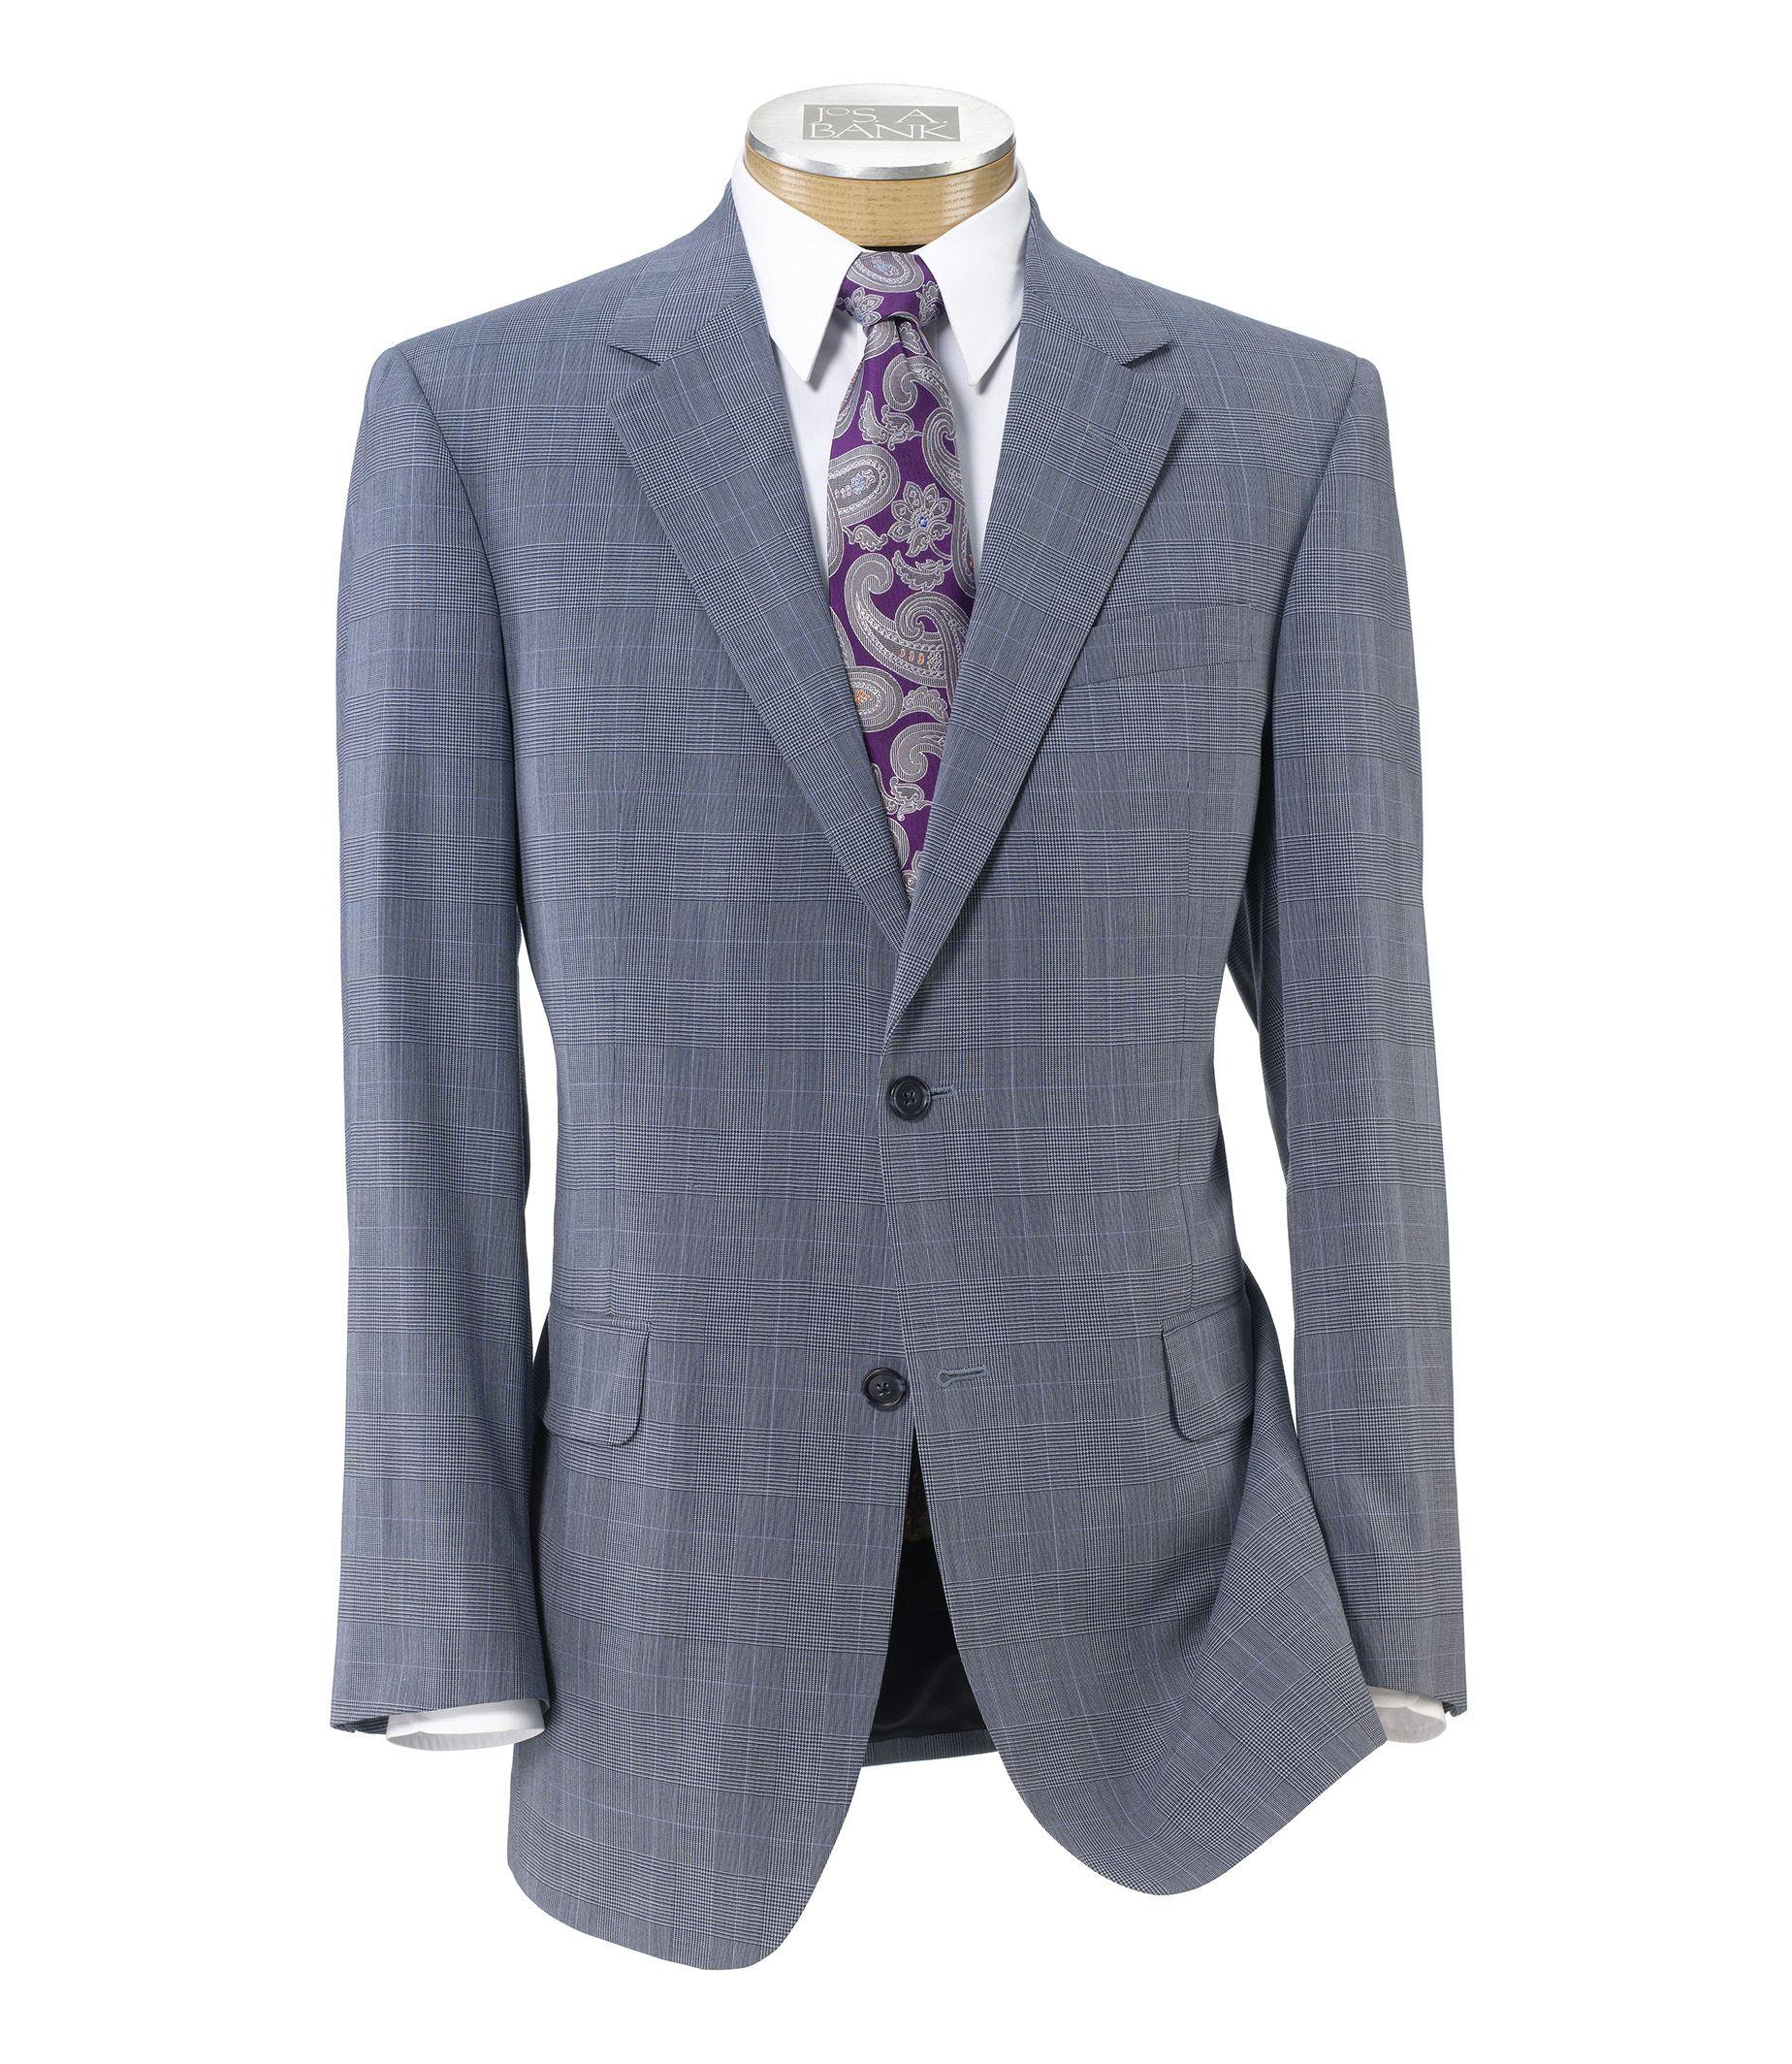 Executive 2-Button Wool Suit with Plain Front Trousers - Blue Glen Plaid w Deco